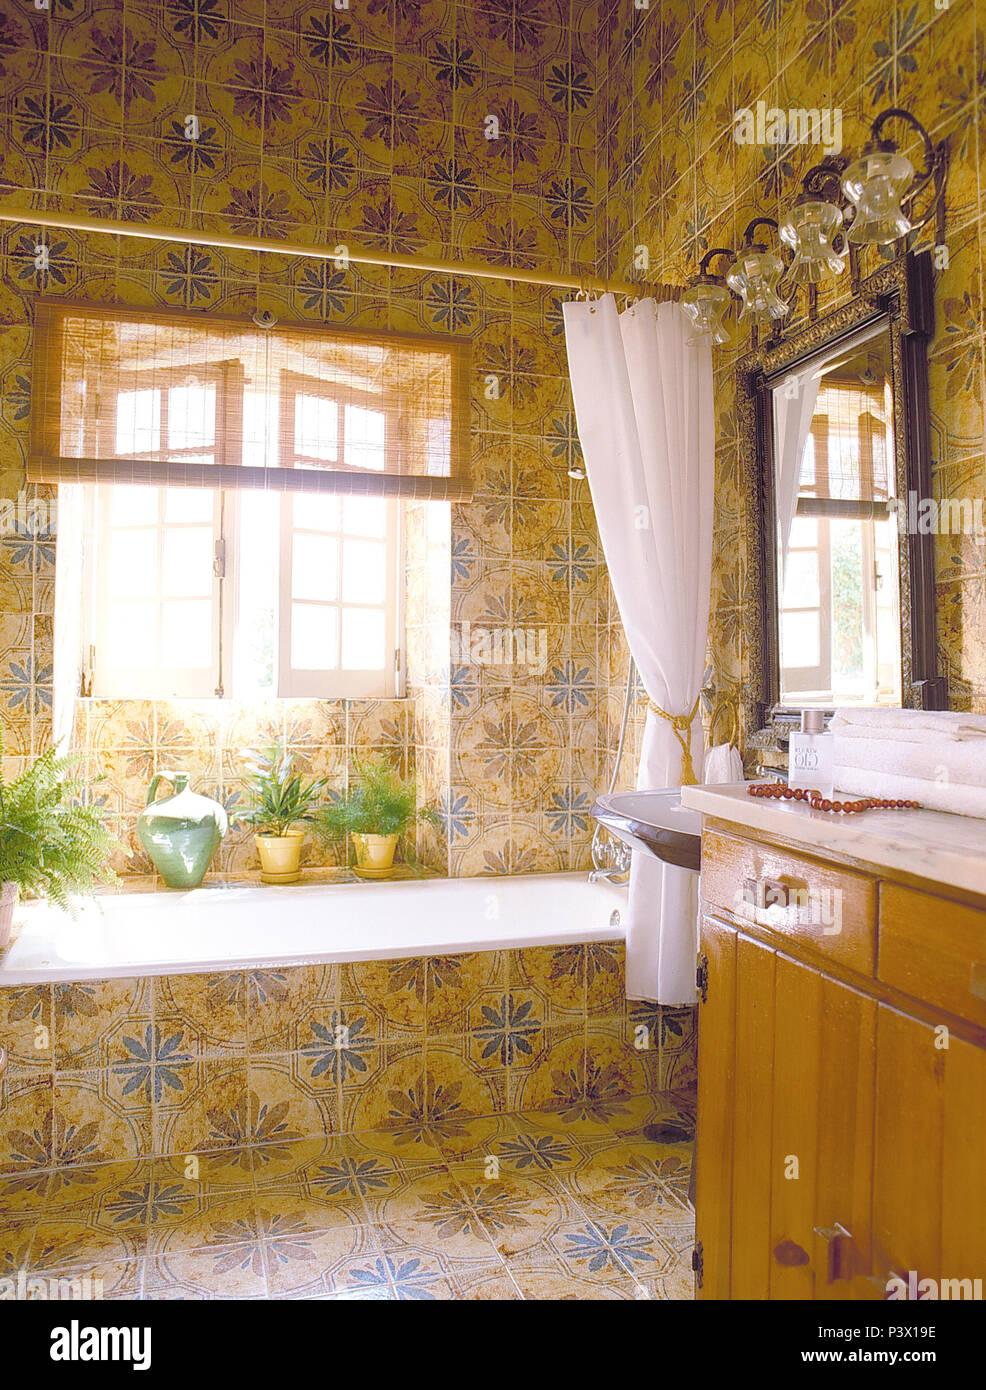 duschvorhange fur badewannen textil, weißen duschvorhang auf badewanne in blau + gelb gefliesten bad mit, Innenarchitektur